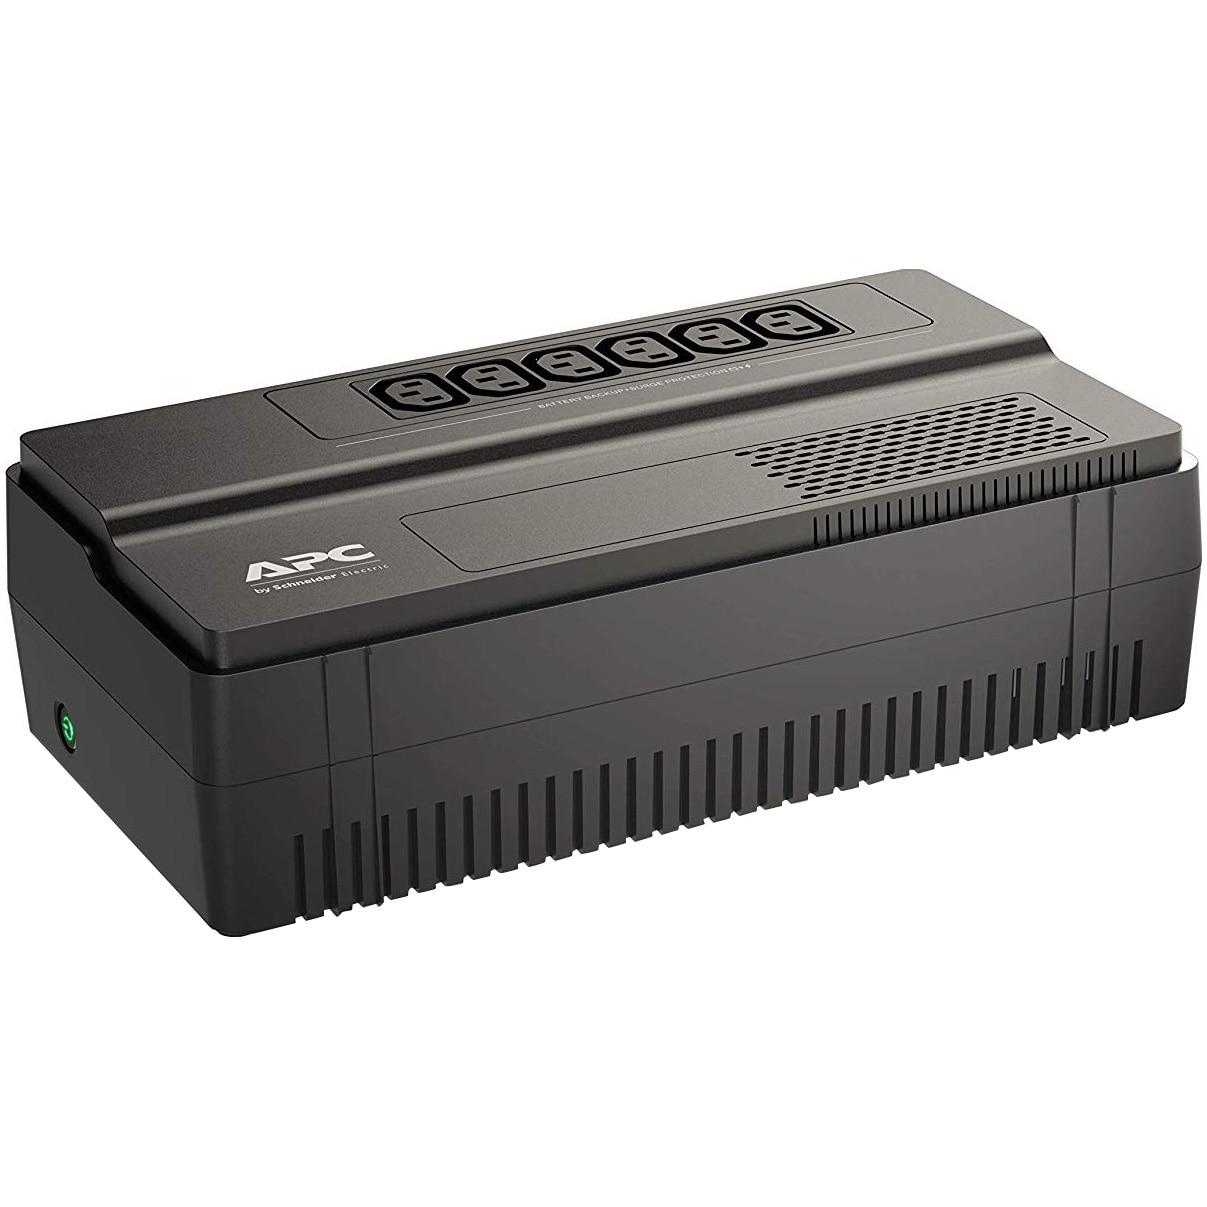 Fotografie UPS APC BV650I 650 VA IEC Sockets